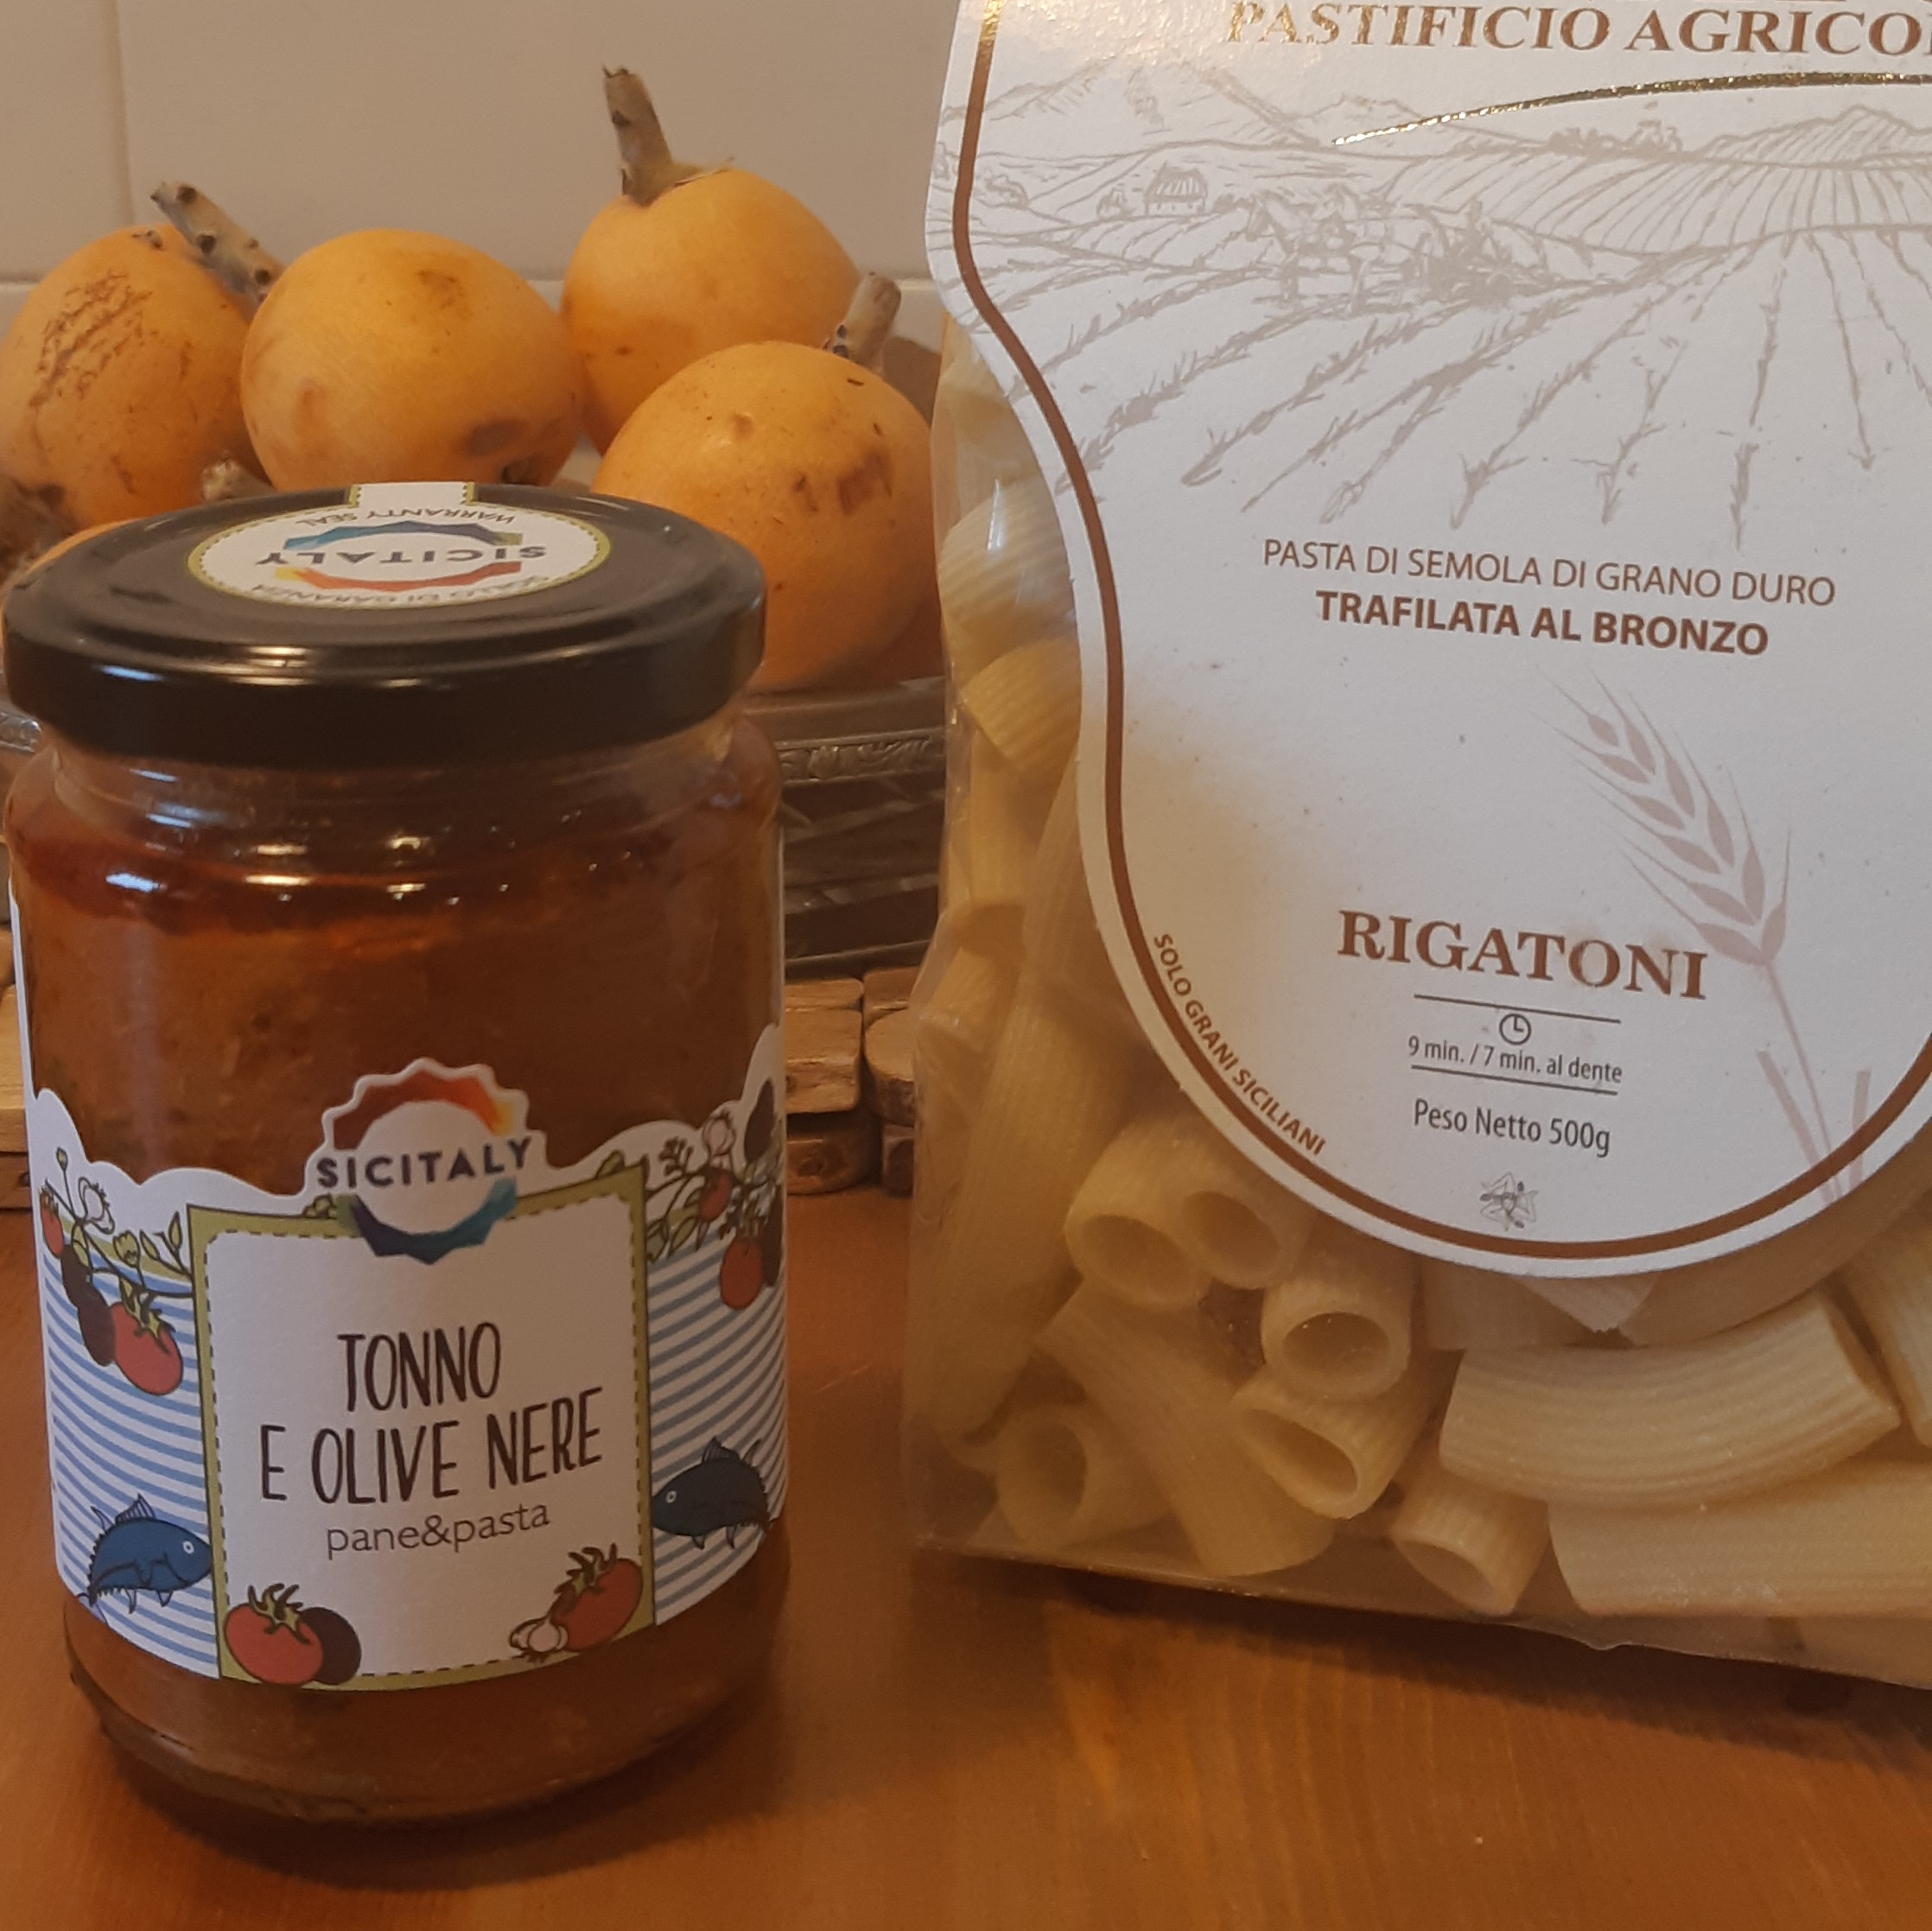 Тунец и черные оливки соус для макарон (Сицилия-Италия)